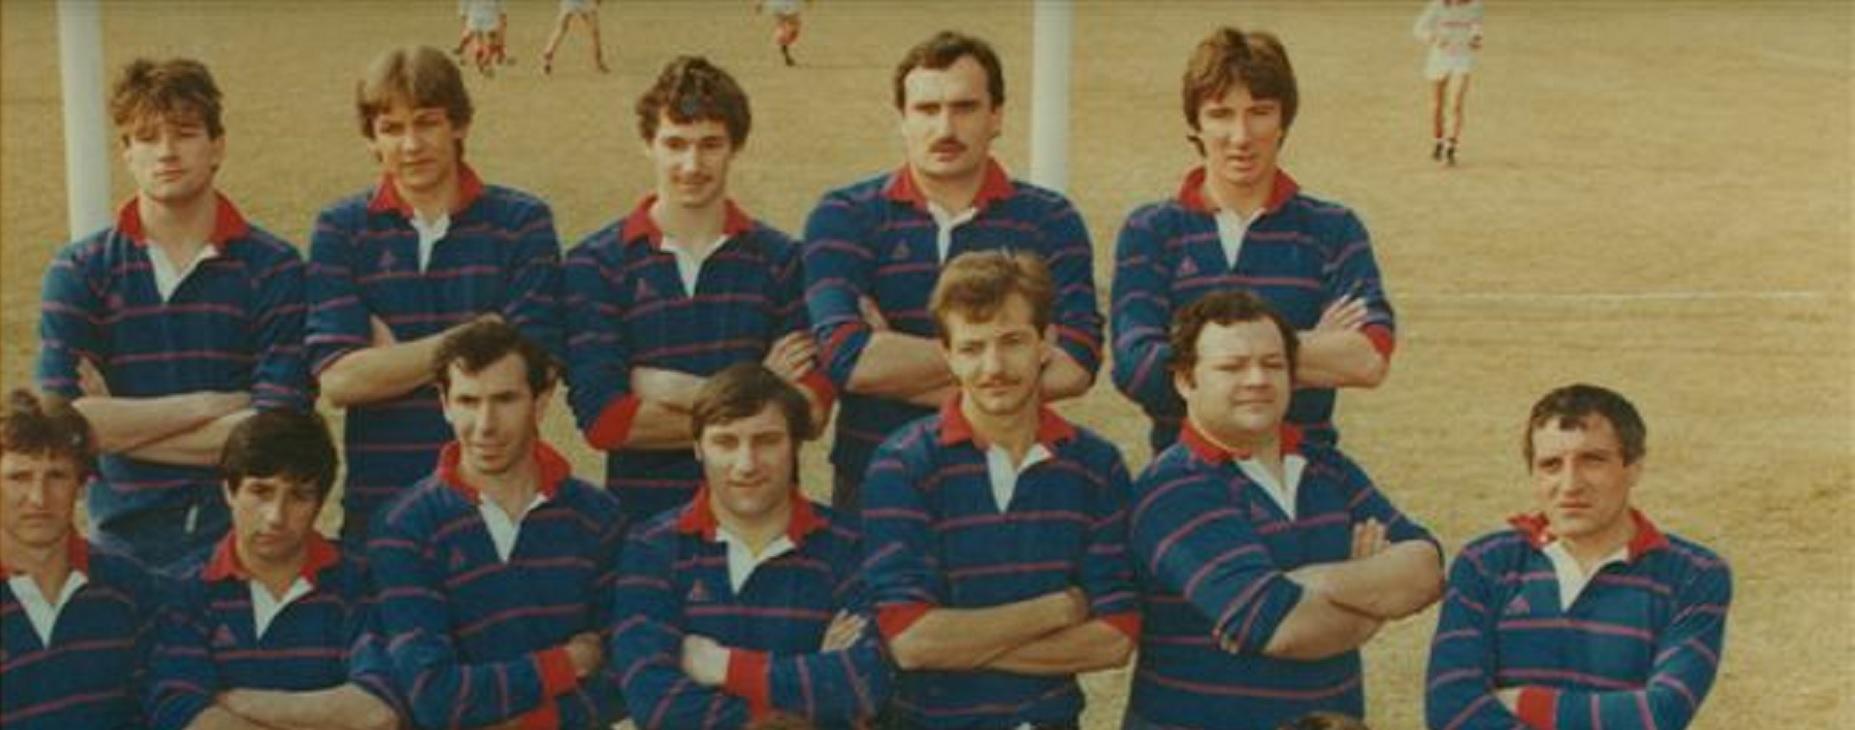 Nyon 1983